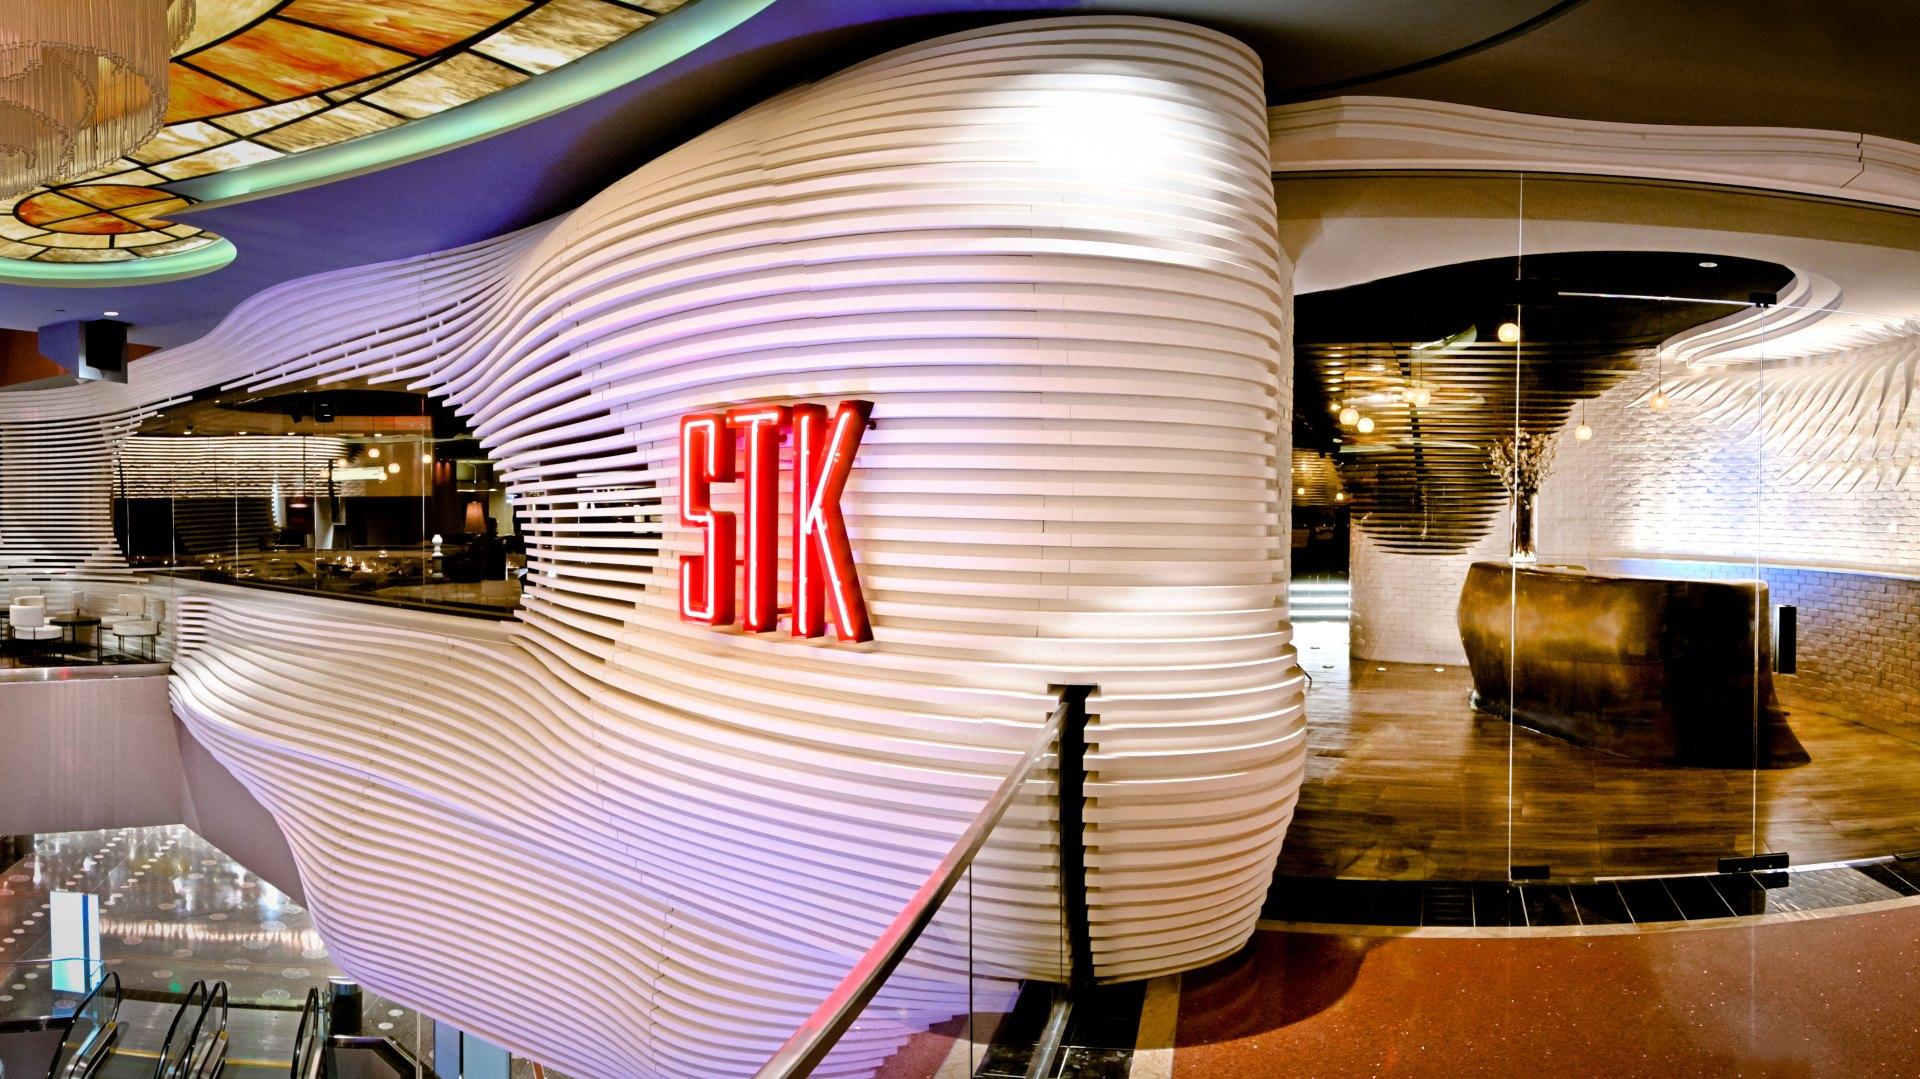 Las Vegas Luxury Hotel Stk Cosmopolitan